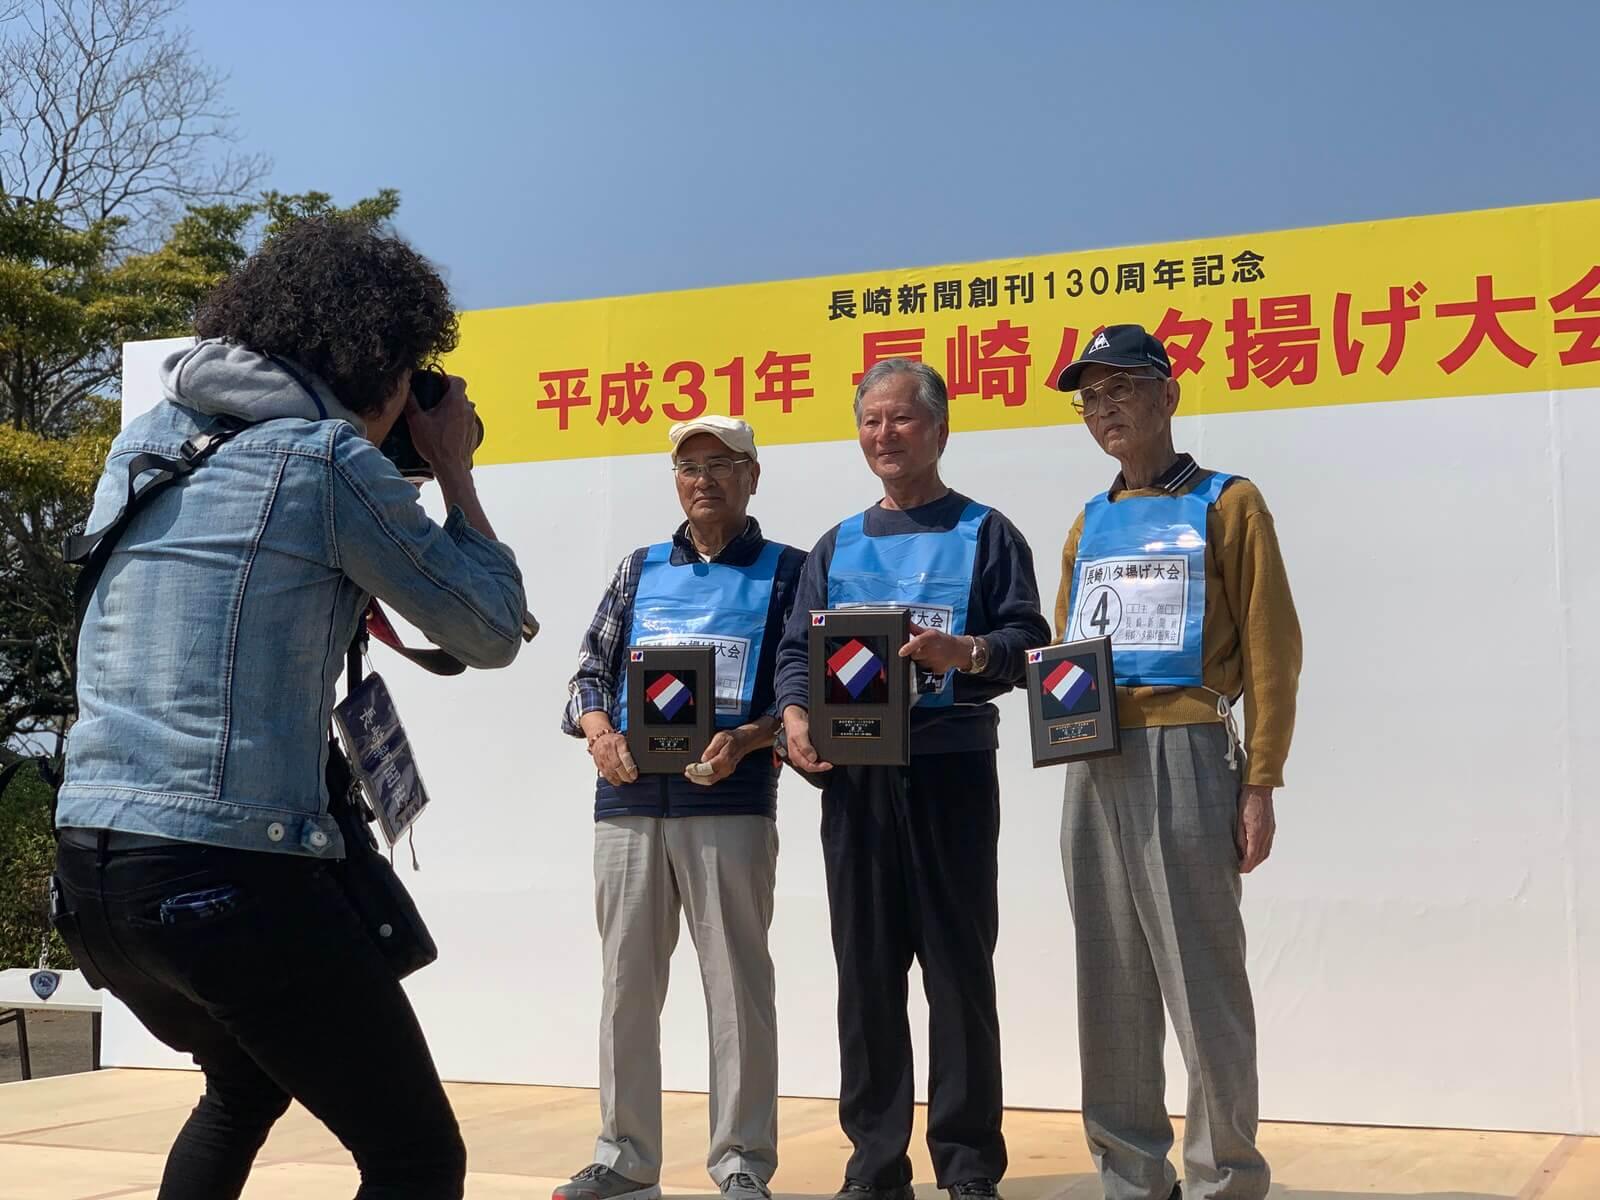 長崎3大行事のひとつ長崎ハタ揚げ大会